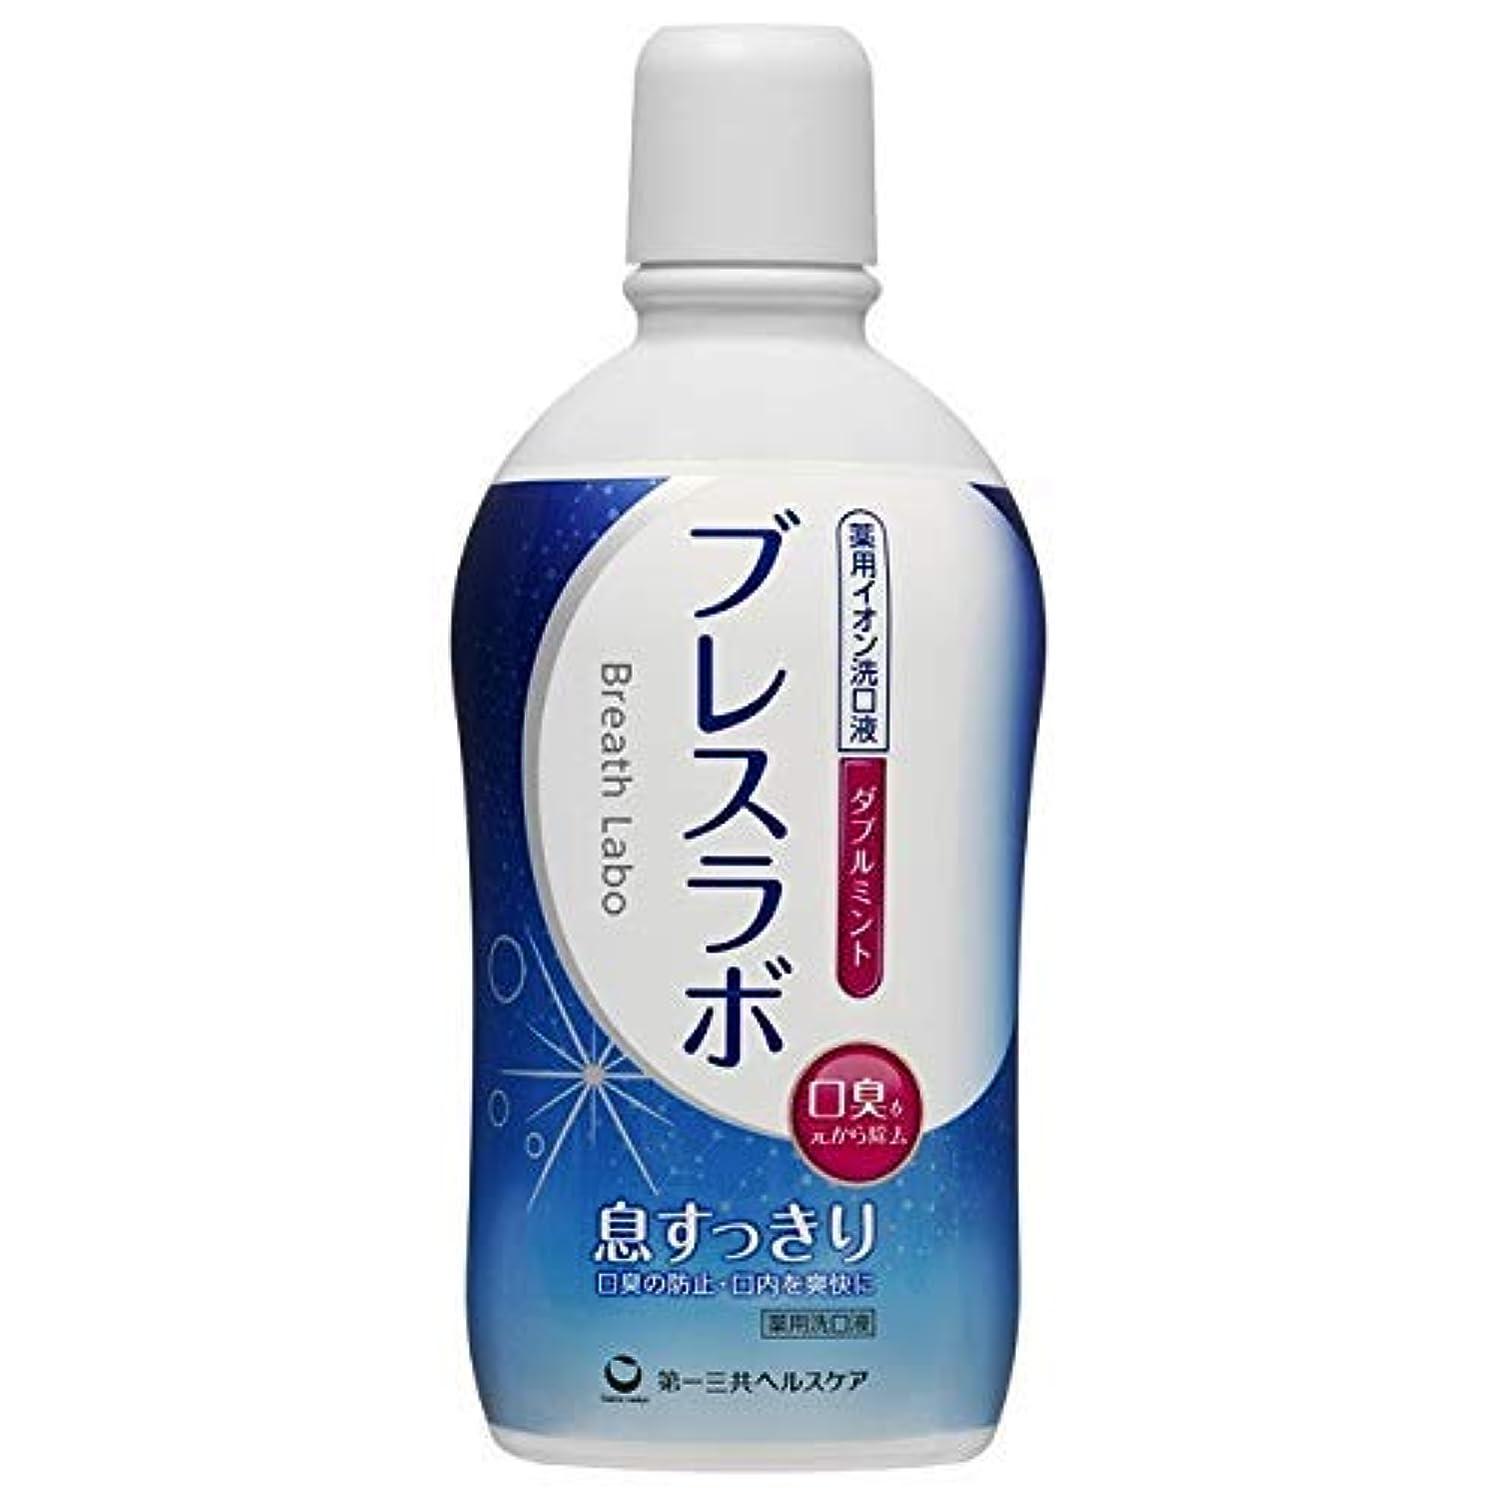 聖域書き出すくそー第一三共ヘルスケア 薬用イオン洗口液 ブレスラボ マウスウォッシュ ダブルミント 単品 450mL